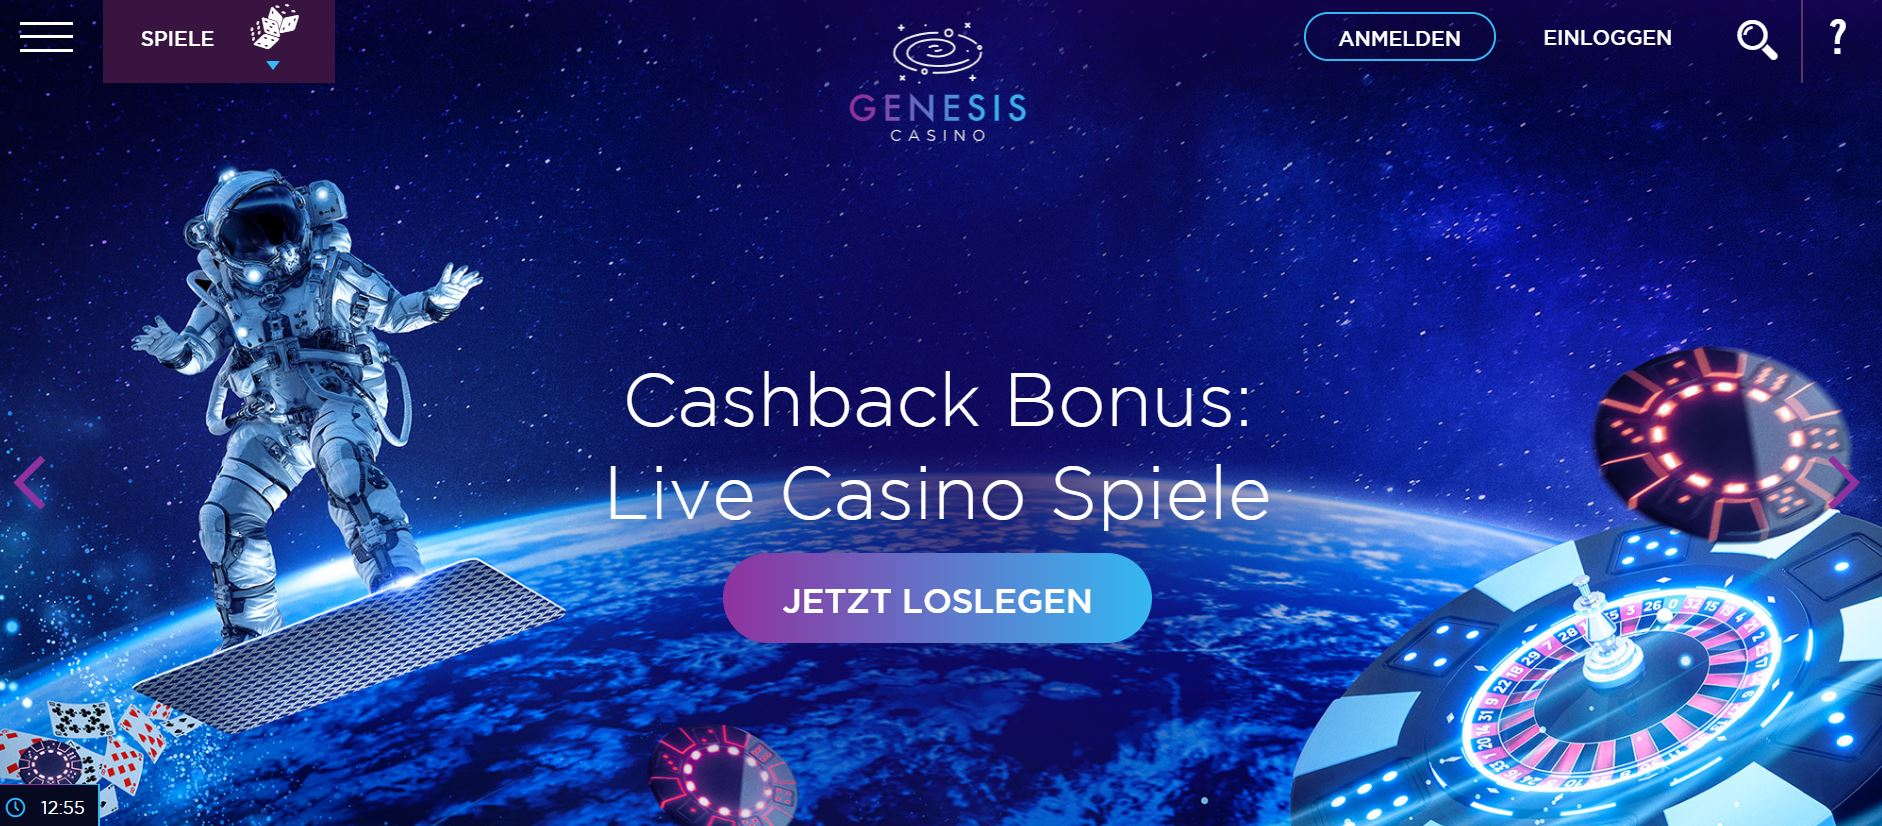 genesus cashback bonus